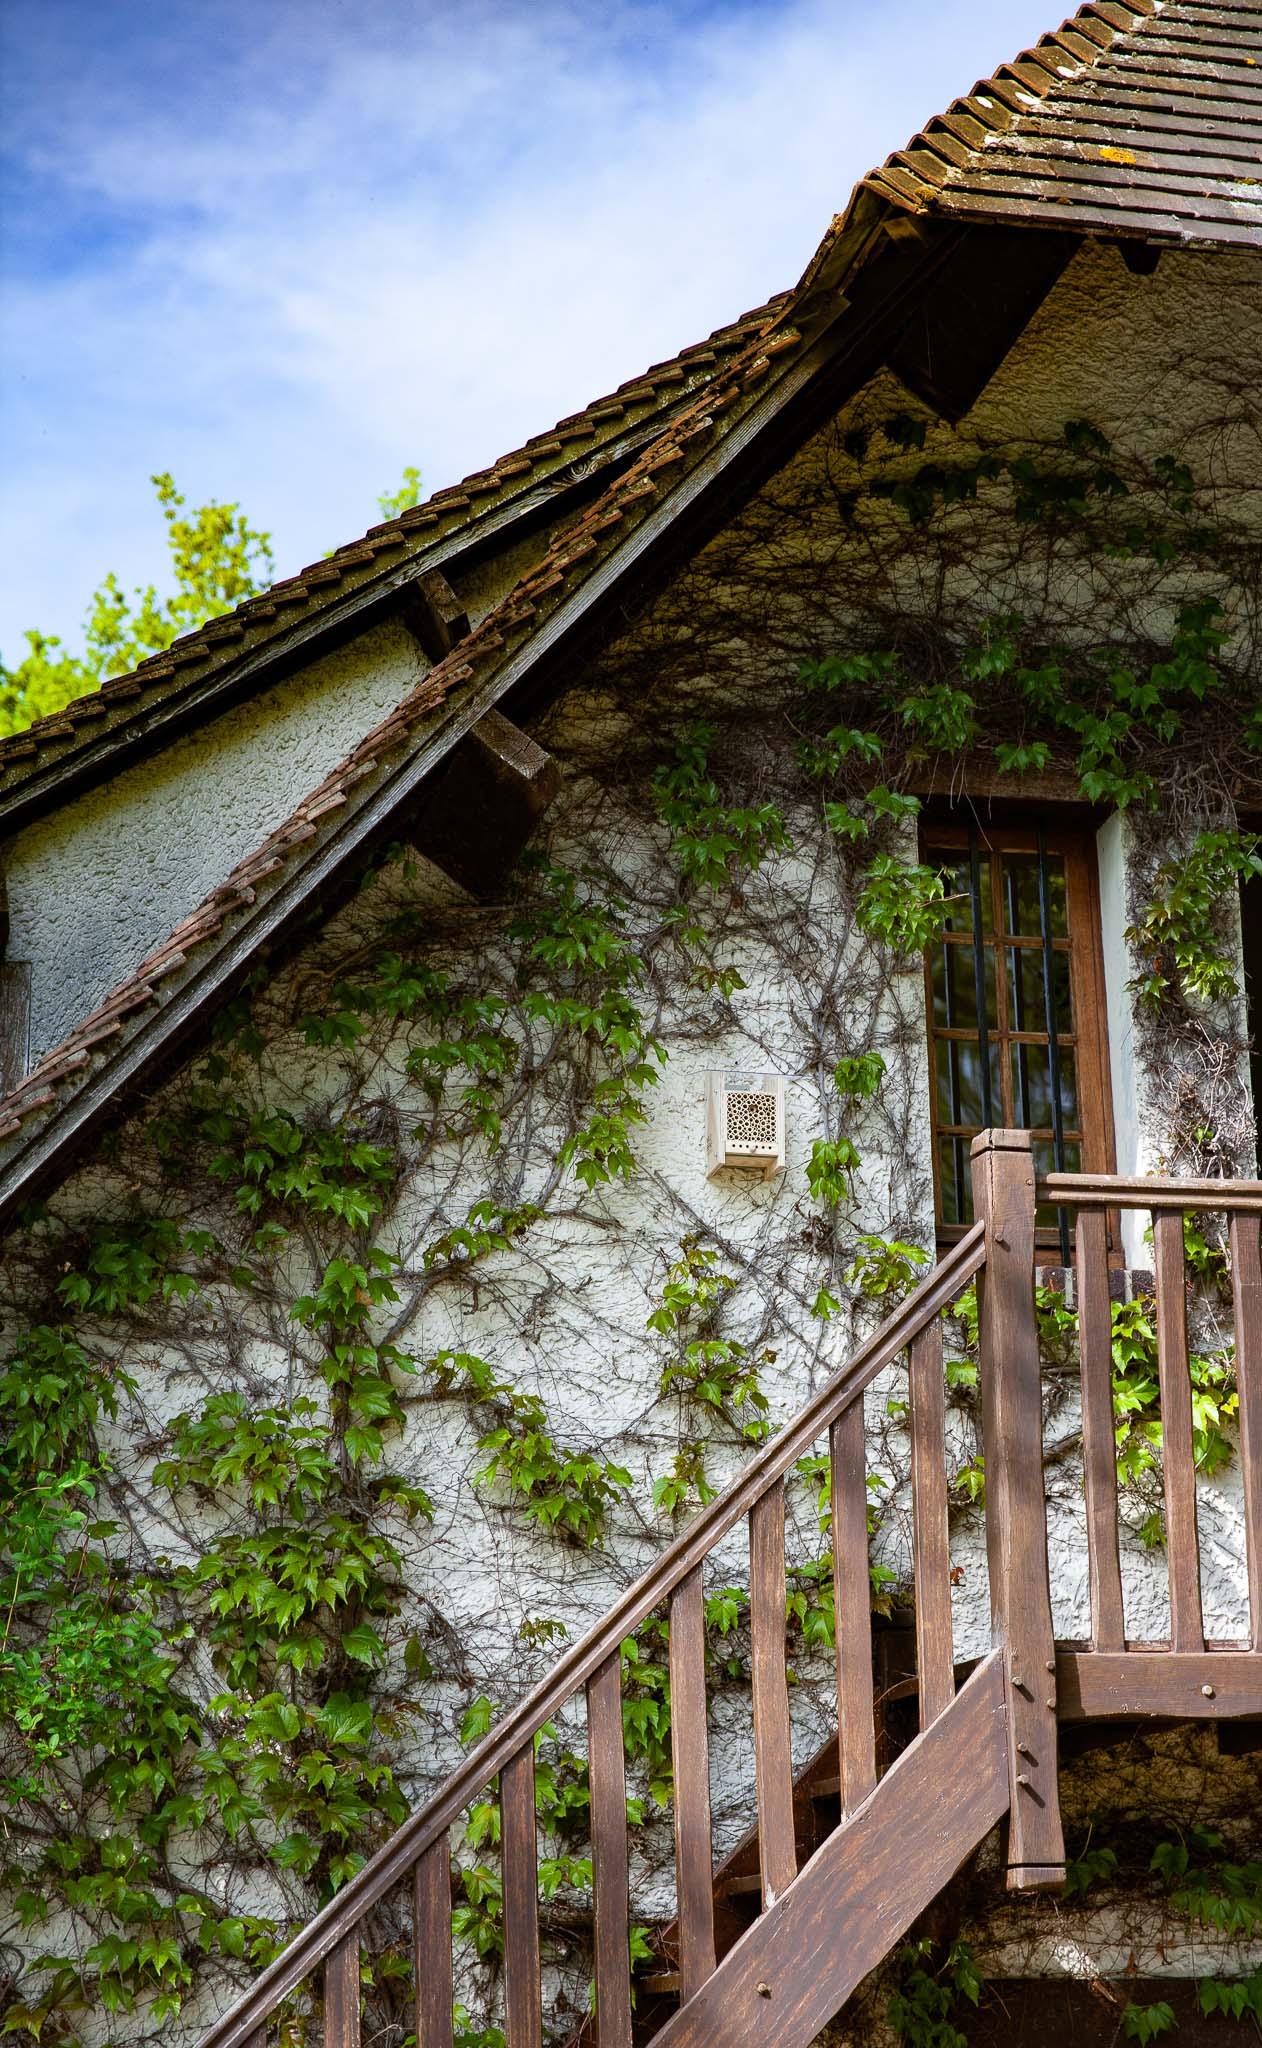 Beehome accrochée sur une maison dans la vigne vierge